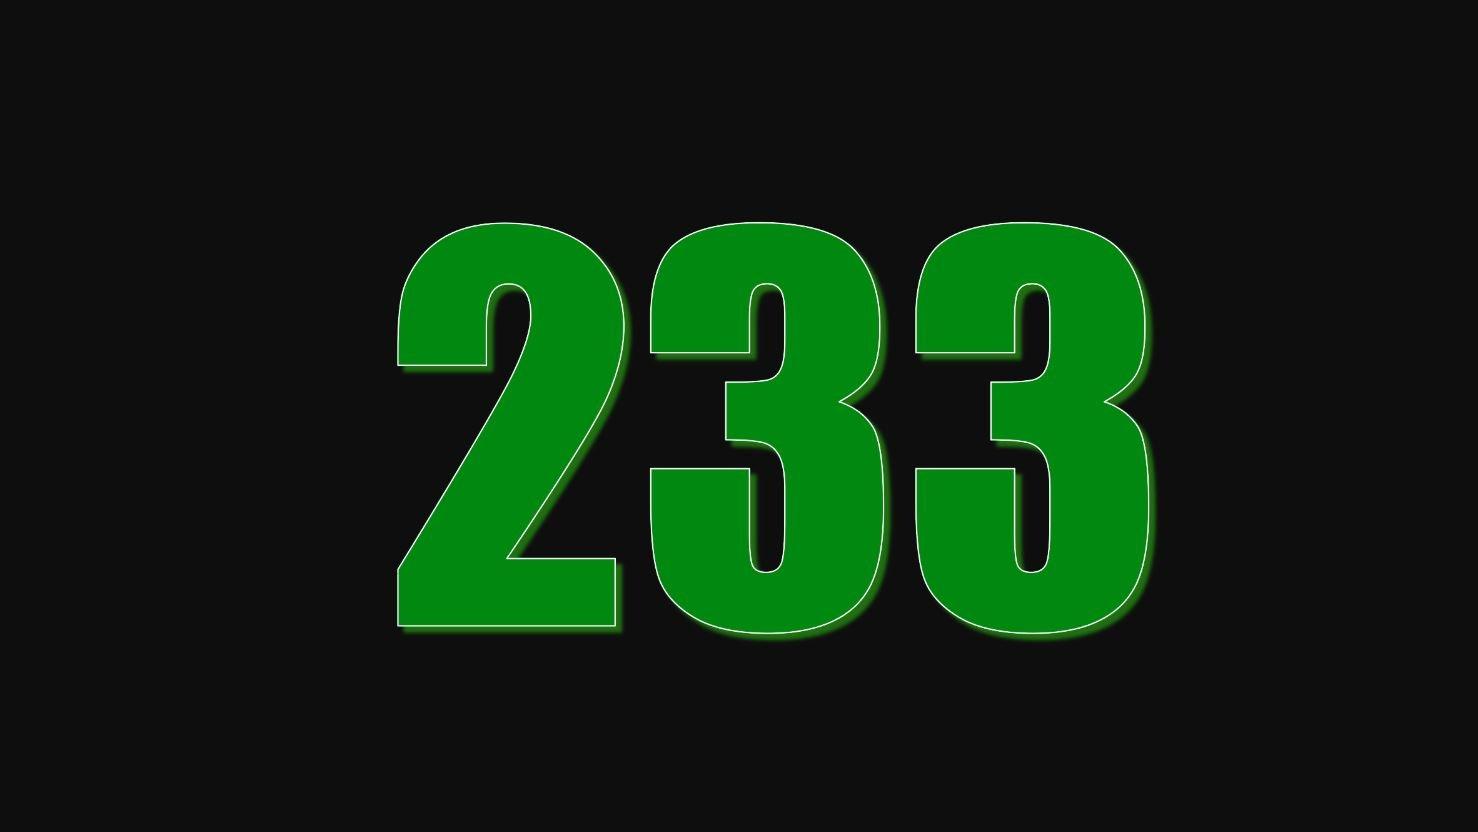 Die Bedeutung der Zahl 233